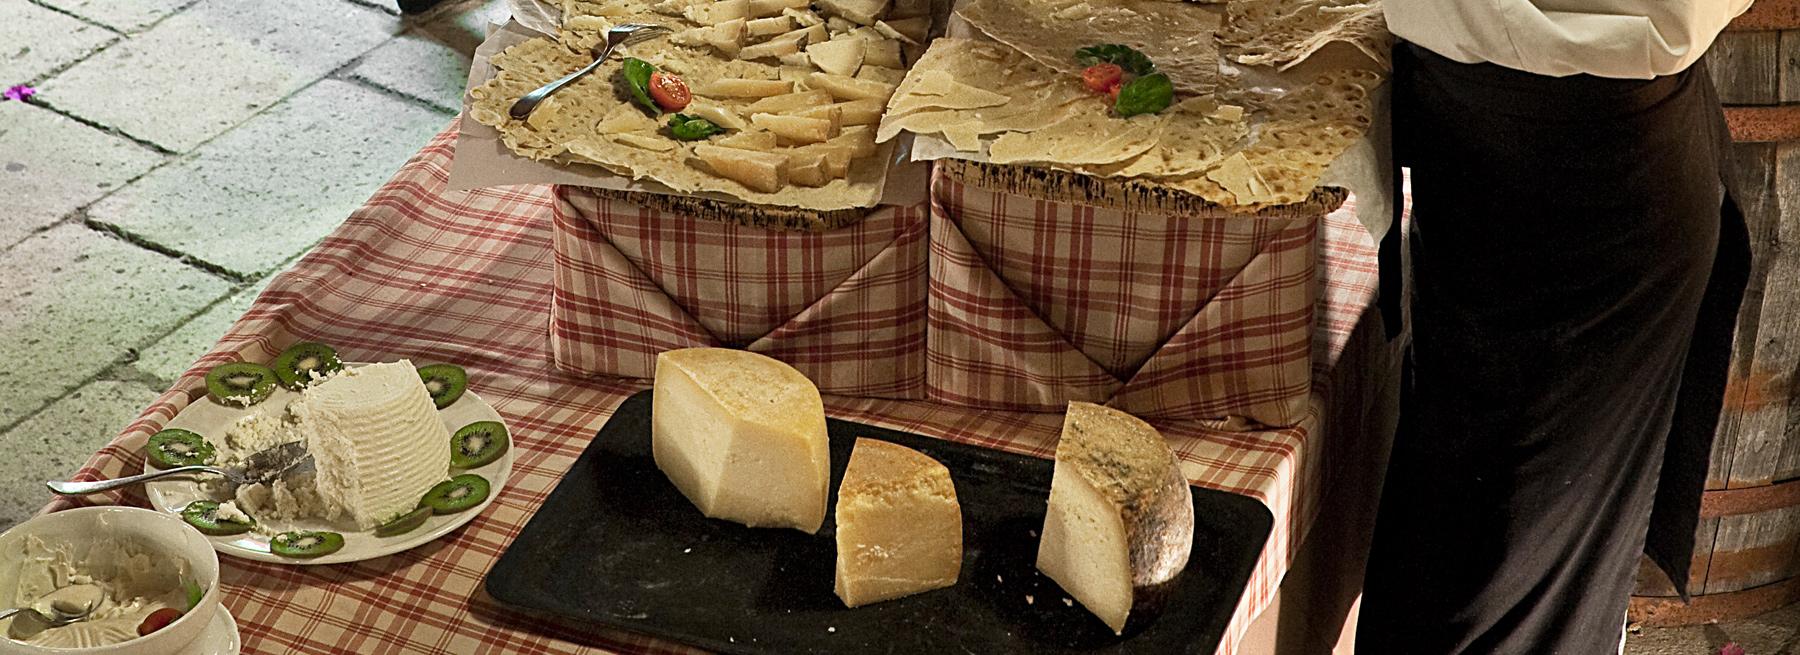 La sardaigne du nord et les traditions de la cuisine - Cuisine et tradition morlaix ...